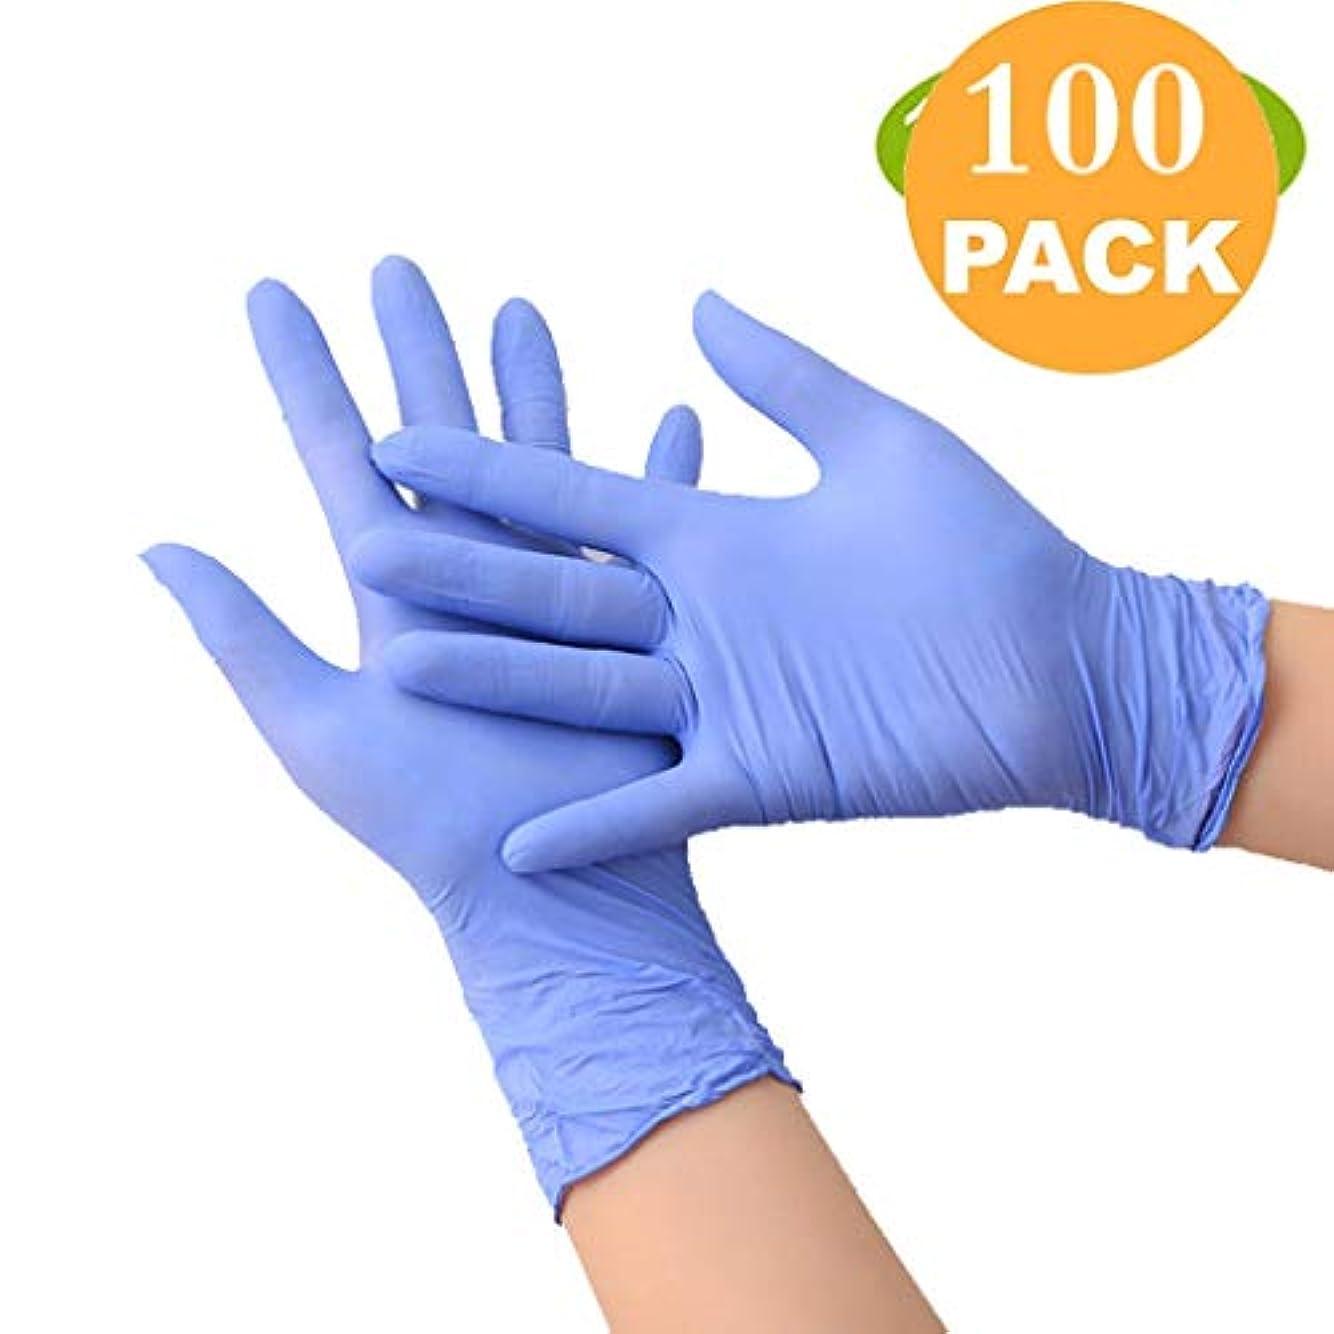 アンプ没頭する修復ニトリル使い捨てパウダーフリー耐酸クリーン美容ネイルサロン油と酸耐性-100パーボックス (Color : Blue, Size : S)